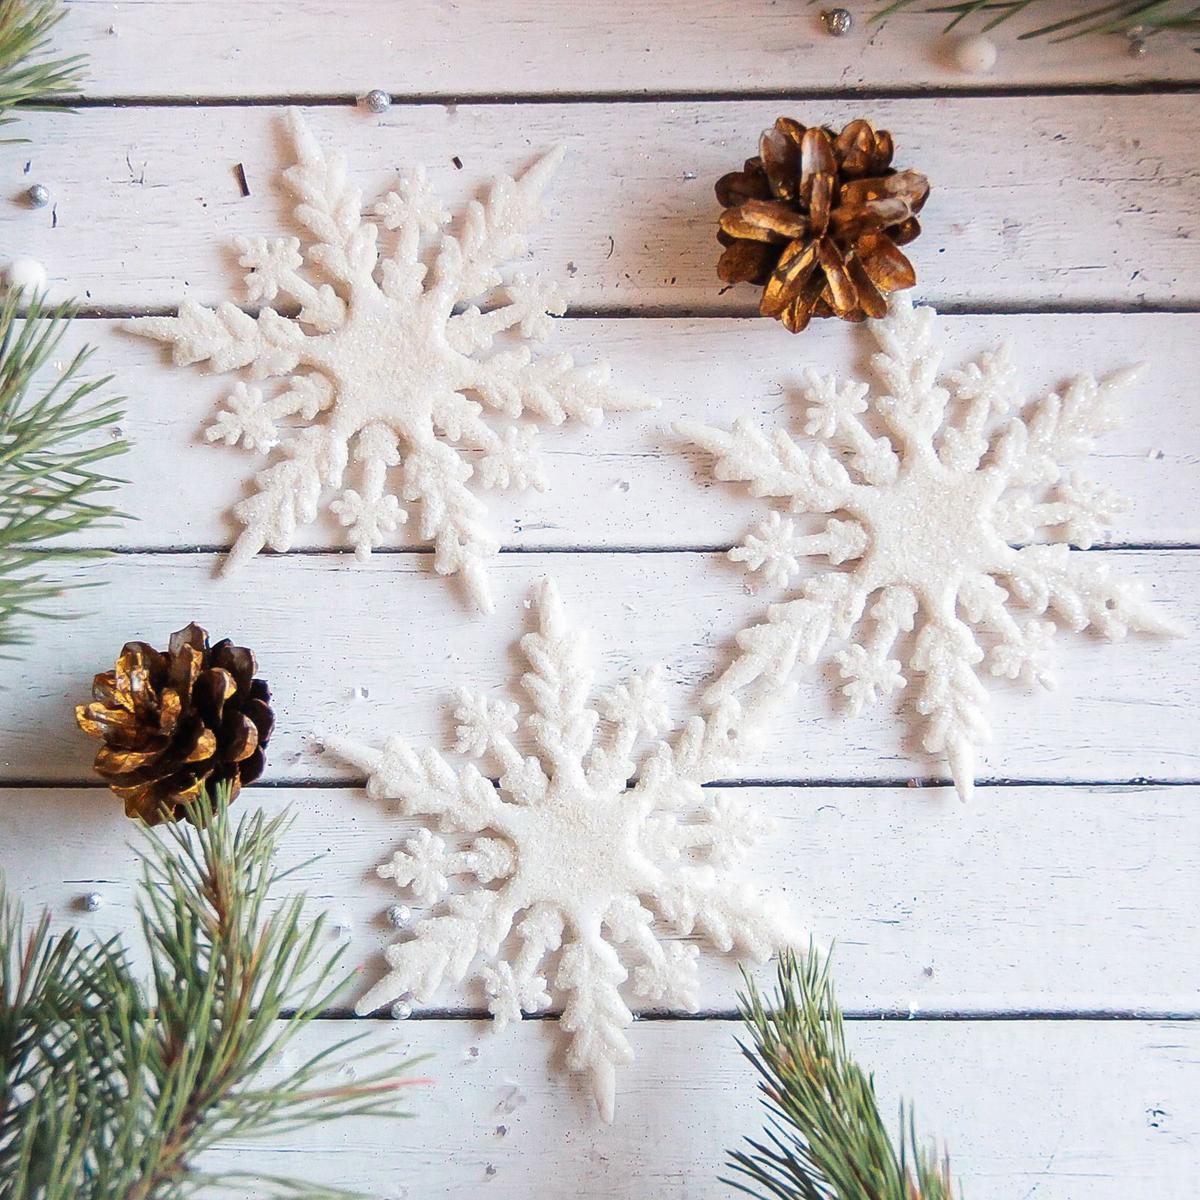 Набор новогодних подвесных украшений Sima-land Белая снежинка. Стрелки, 11 см, 3 шт2371294Набор новогодних подвесных украшений Sima-land отлично подойдет для декорации вашего дома и новогодней ели. Новогодние украшения можно повесить в любом понравившемся вам месте. Но, конечно, удачнее всего они будет смотреться на праздничной елке.Елочная игрушка - символ Нового года. Она несет в себе волшебство и красоту праздника. Такое украшение создаст в вашем доме атмосферу праздника, веселья и радости.